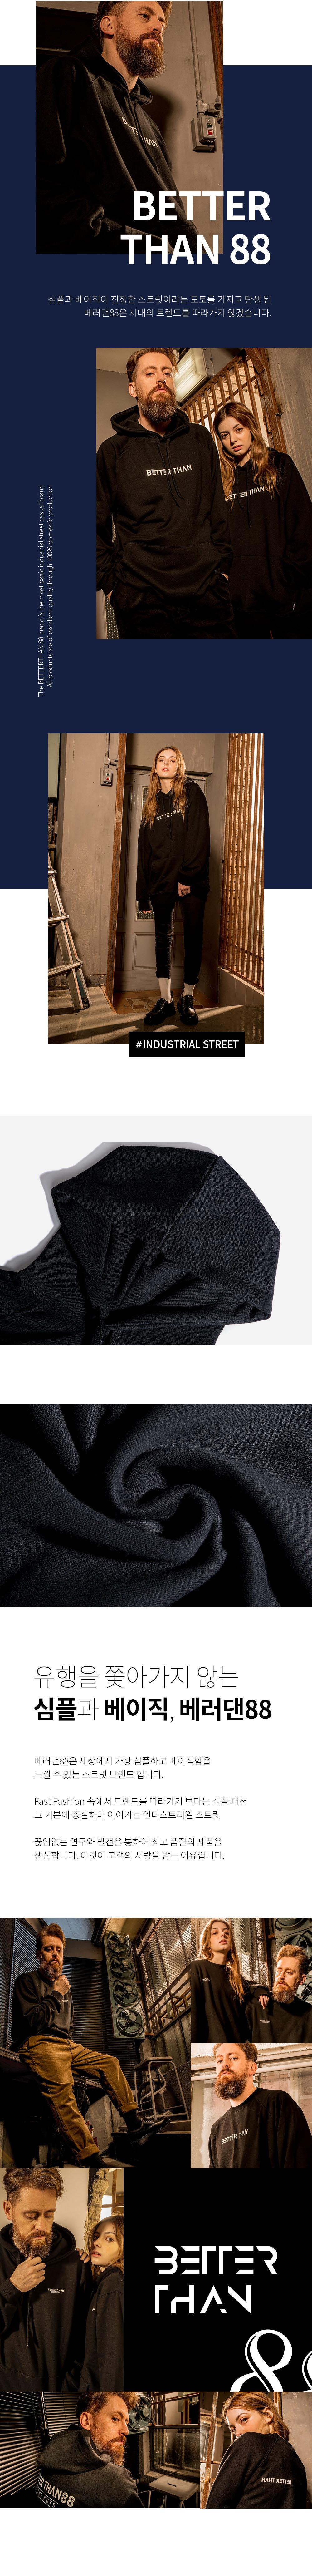 [베러댄88] M2091BB 칼스베드 오버핏 후드티 맨즈 밴타블랙